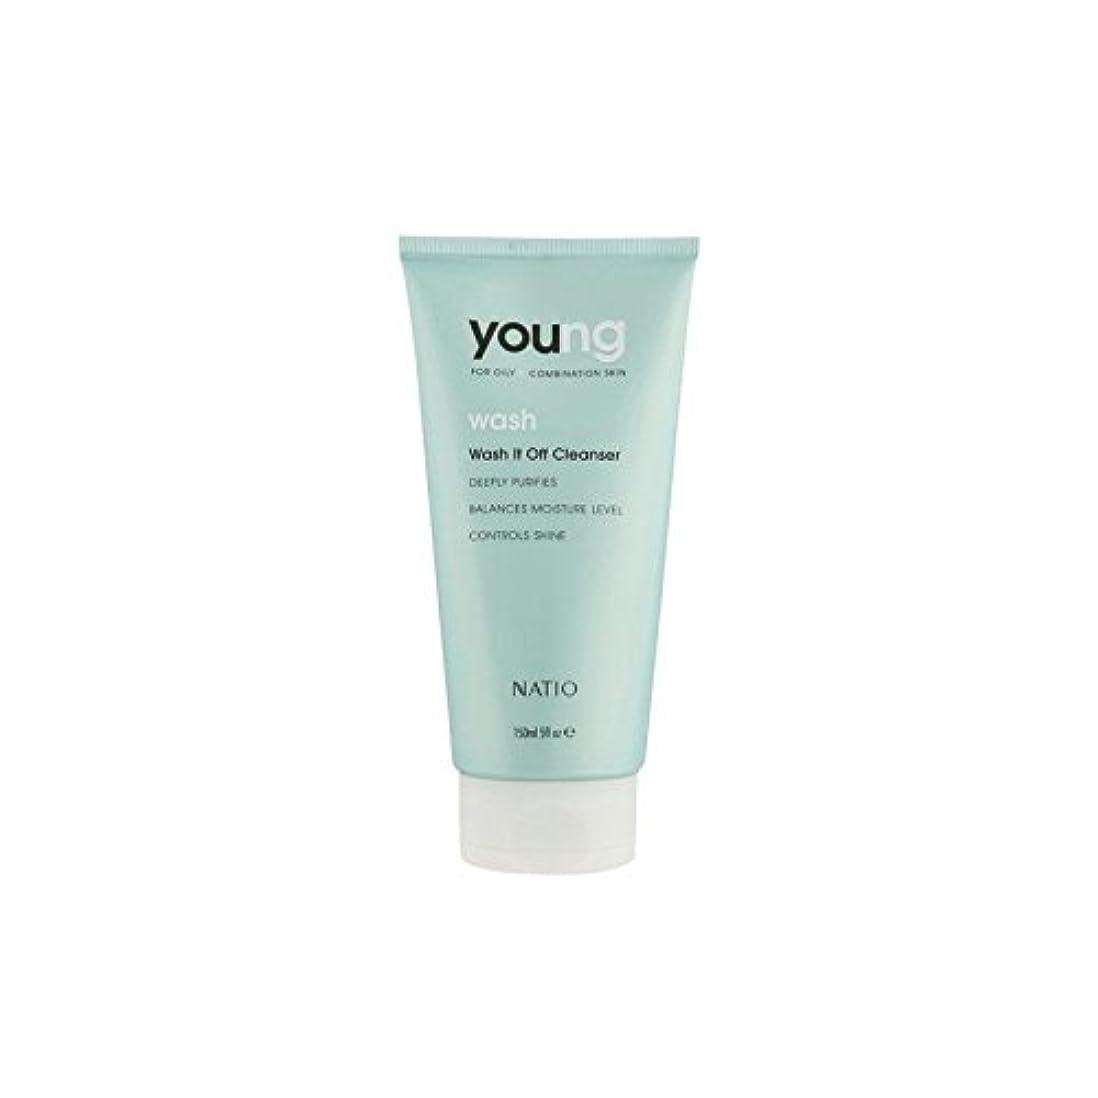 のホスト言い換えるとアライメントNatio Young Wash It Off Cleanser (150ml) - 若いウォッシュそれオフクレンザー(150ミリリットル) [並行輸入品]